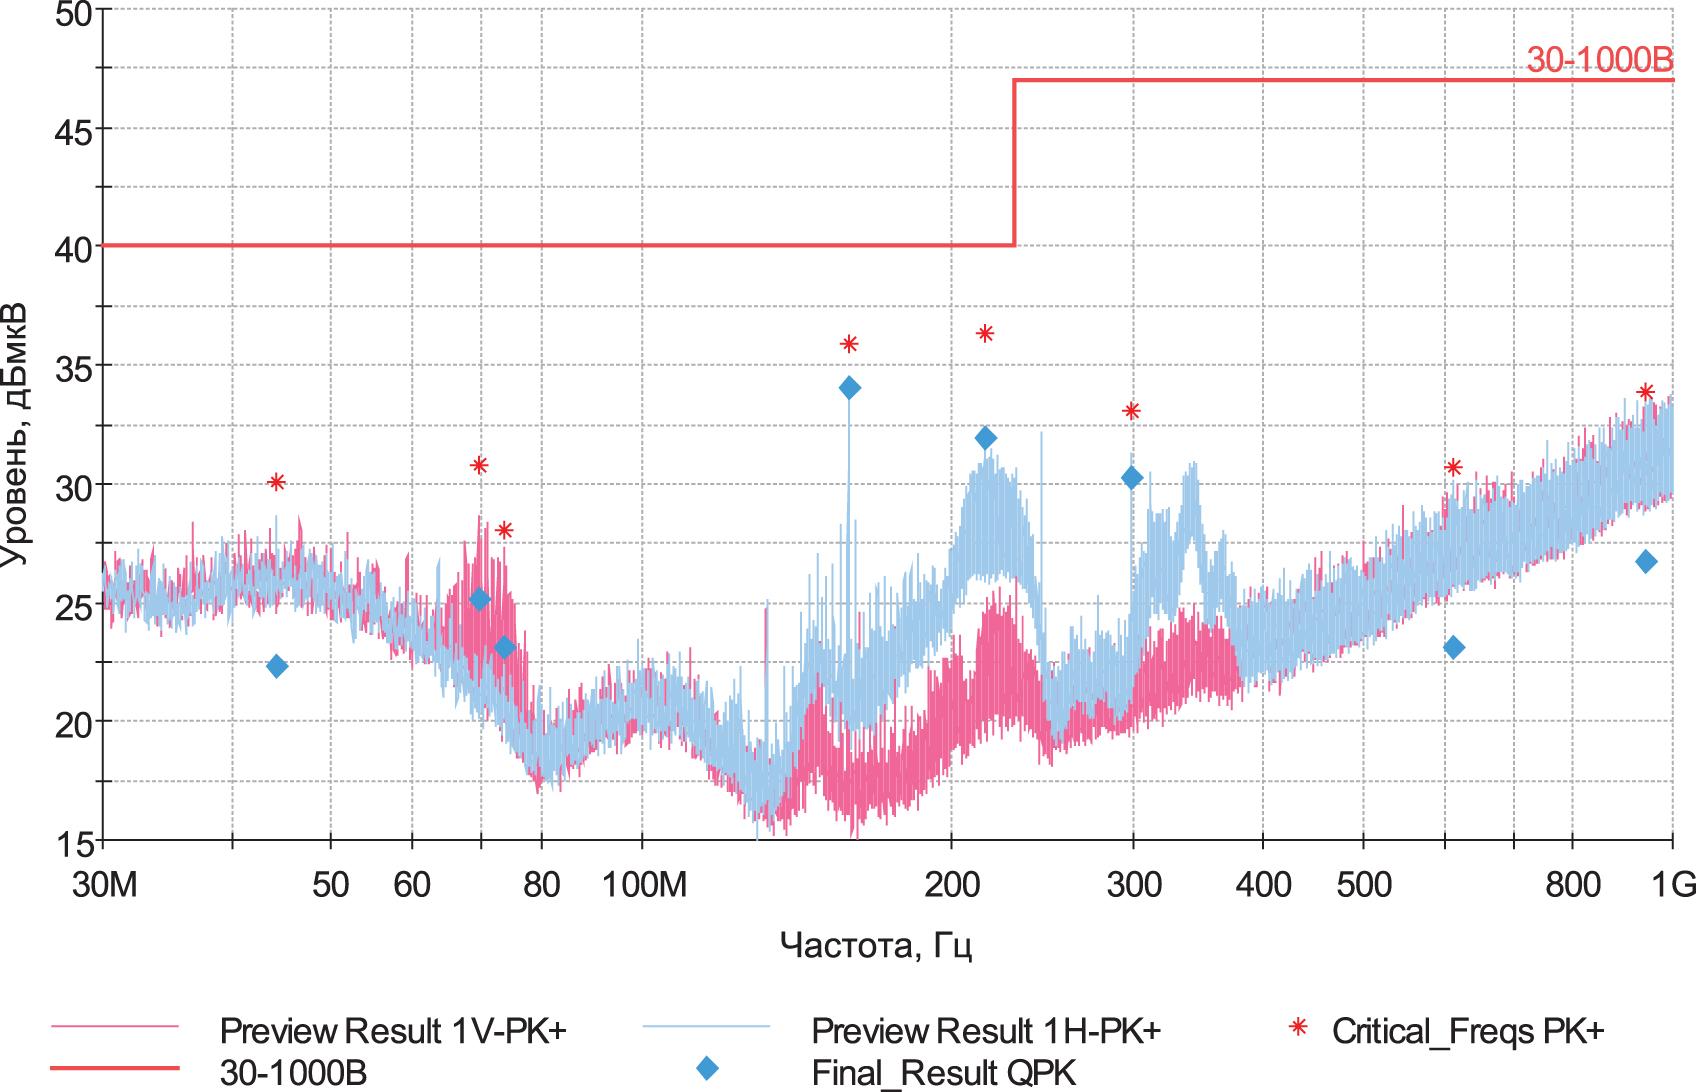 измерения излучаемой помехи после применения рекомендаций специалиста Würth Elektronik